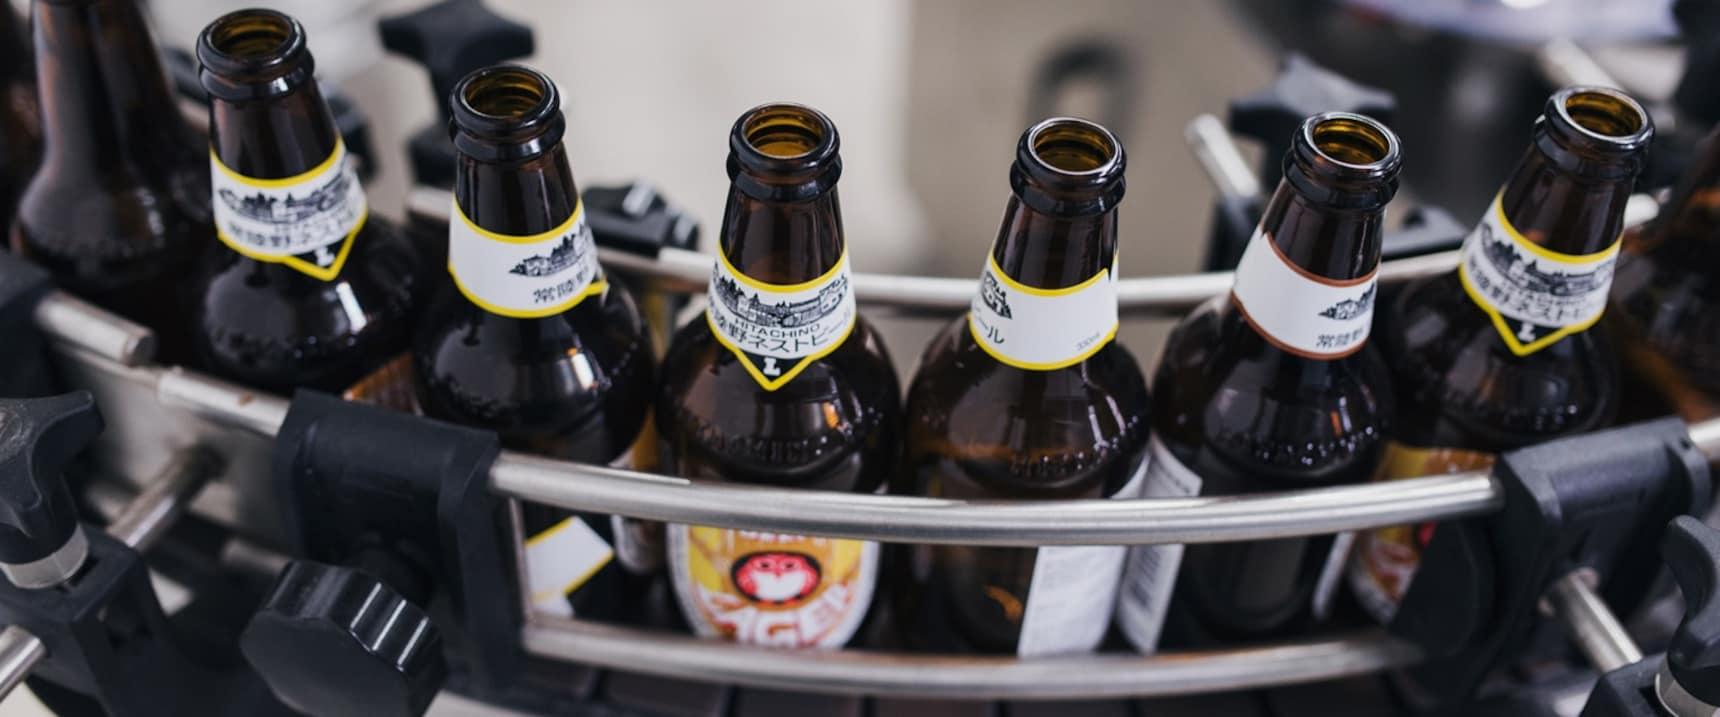 """사케 양조에서 맥주 양조에 도전한 """"부엉이 맥주"""""""